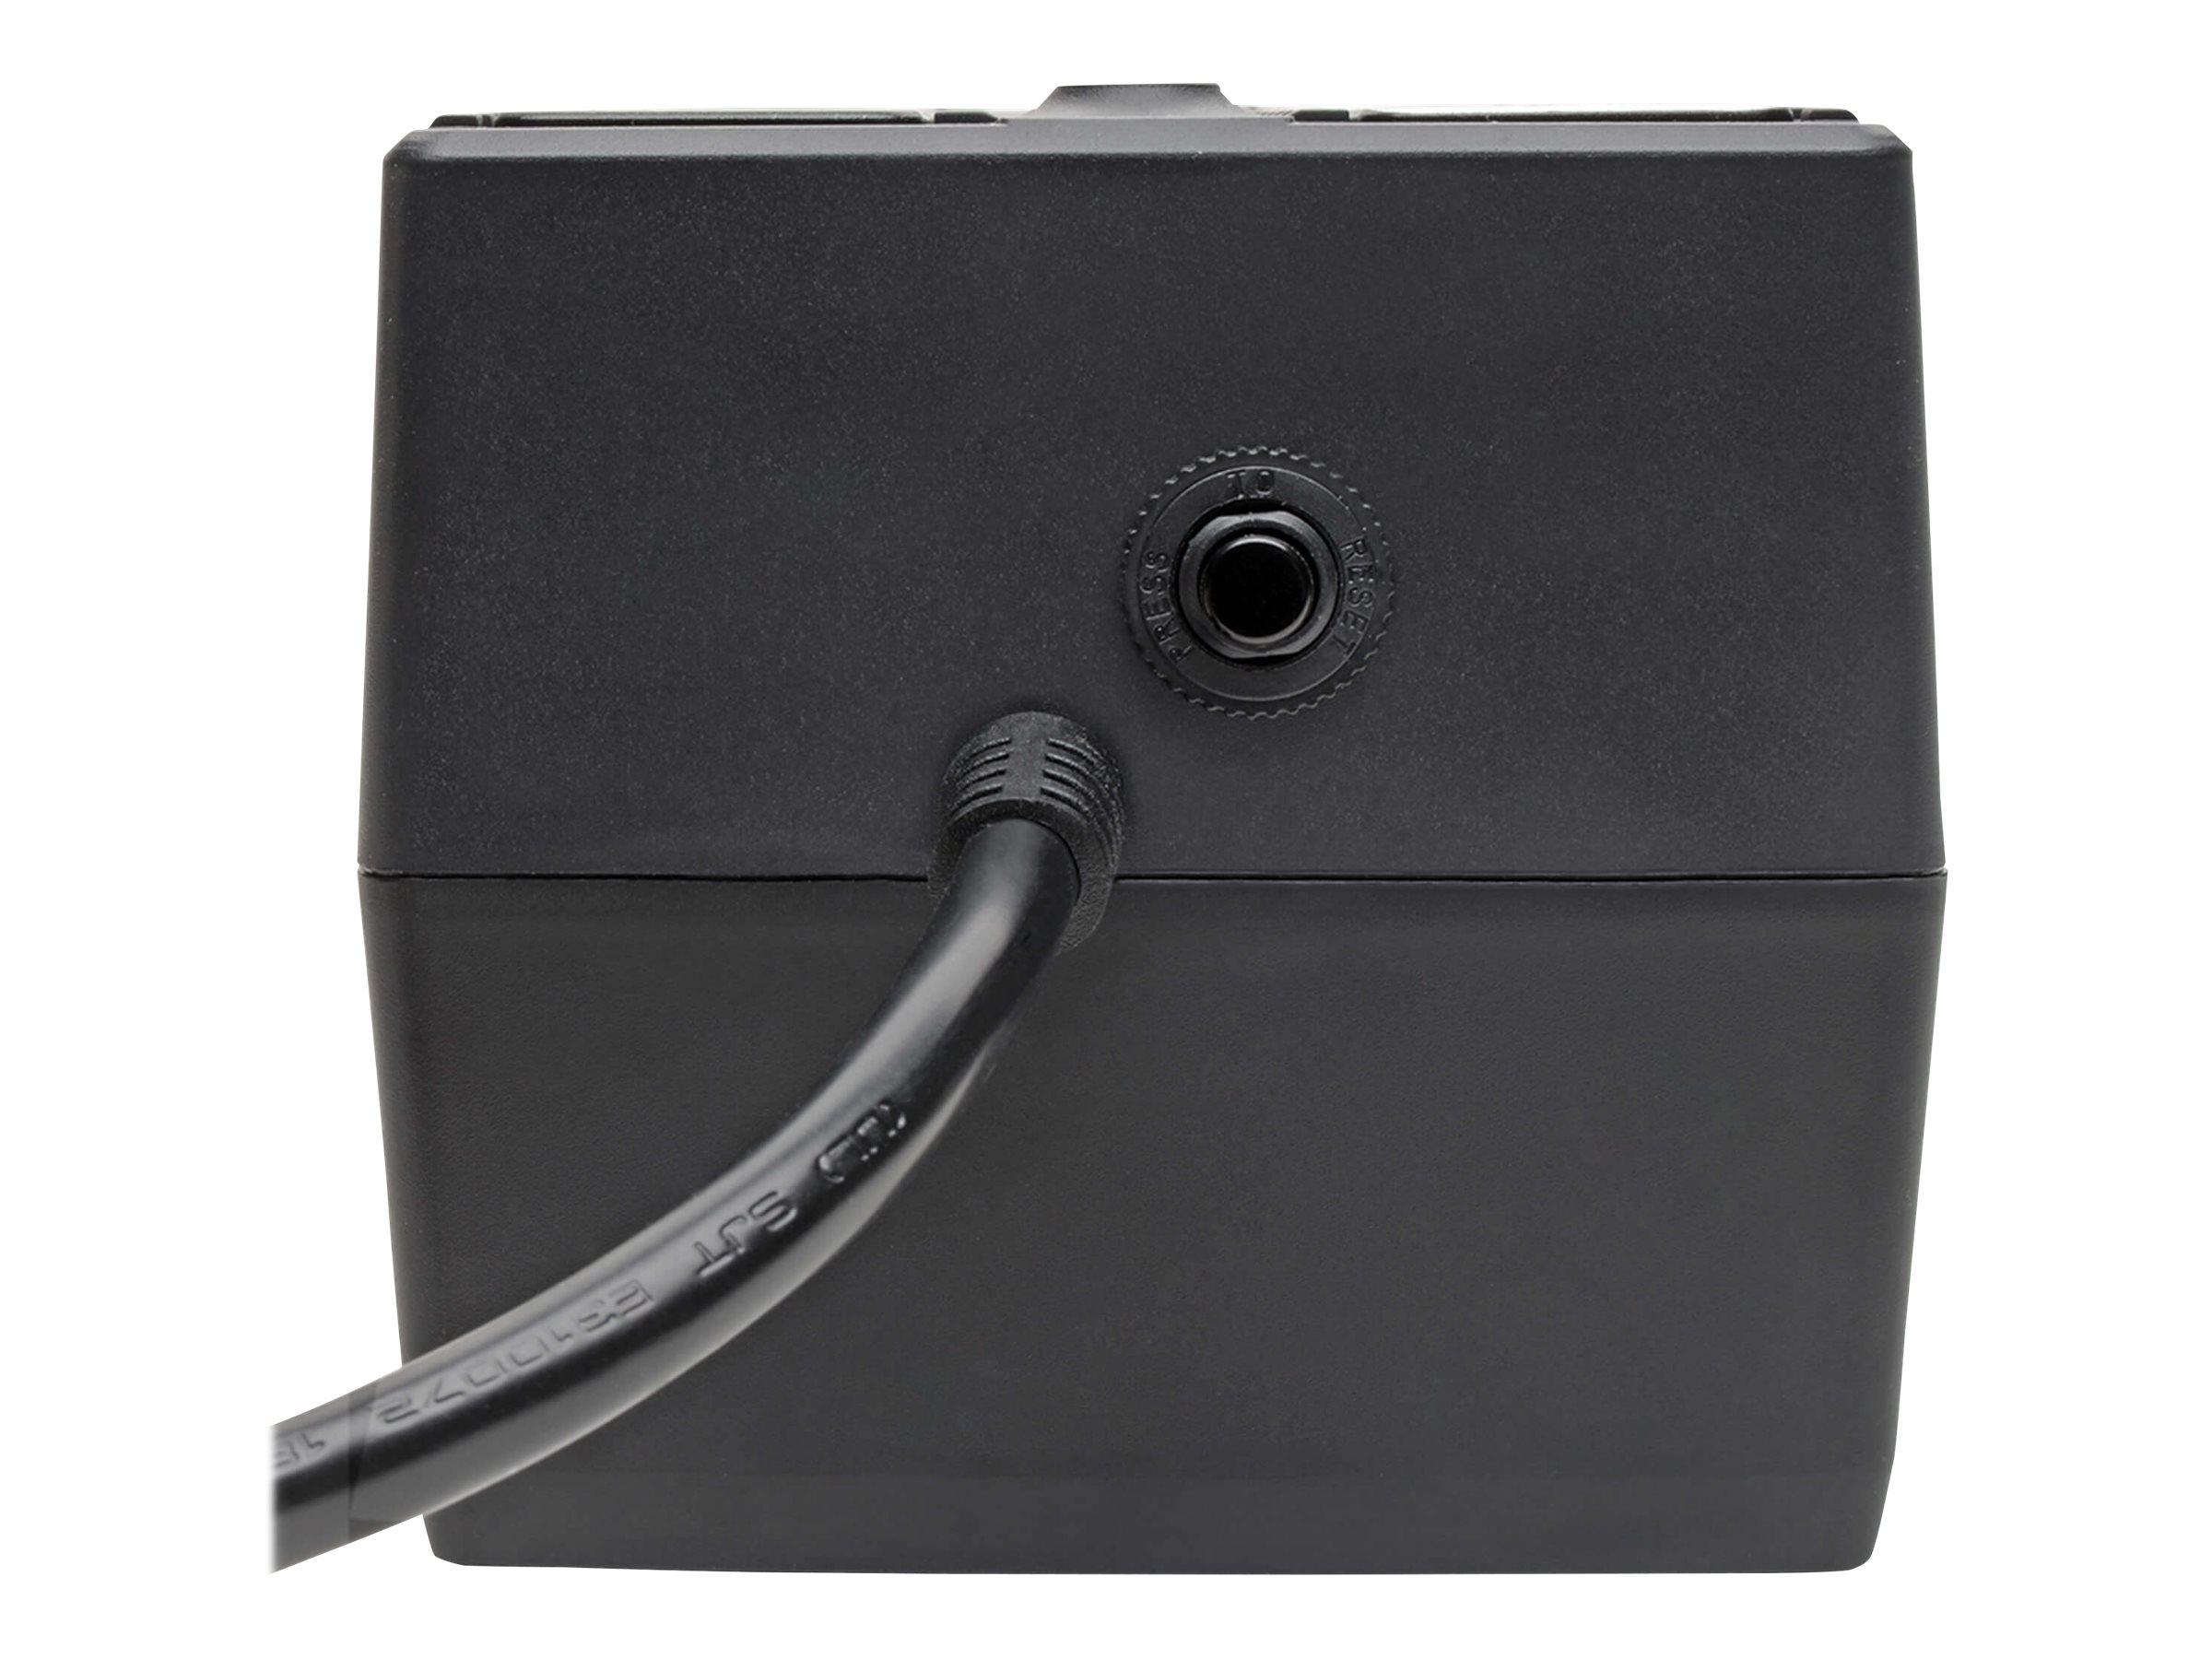 Black 6 Outlets Tripp Lite INTERNET350U 350VA 180W UPS Desktop Battery Back Up Compact 120V USB RJ11 PC